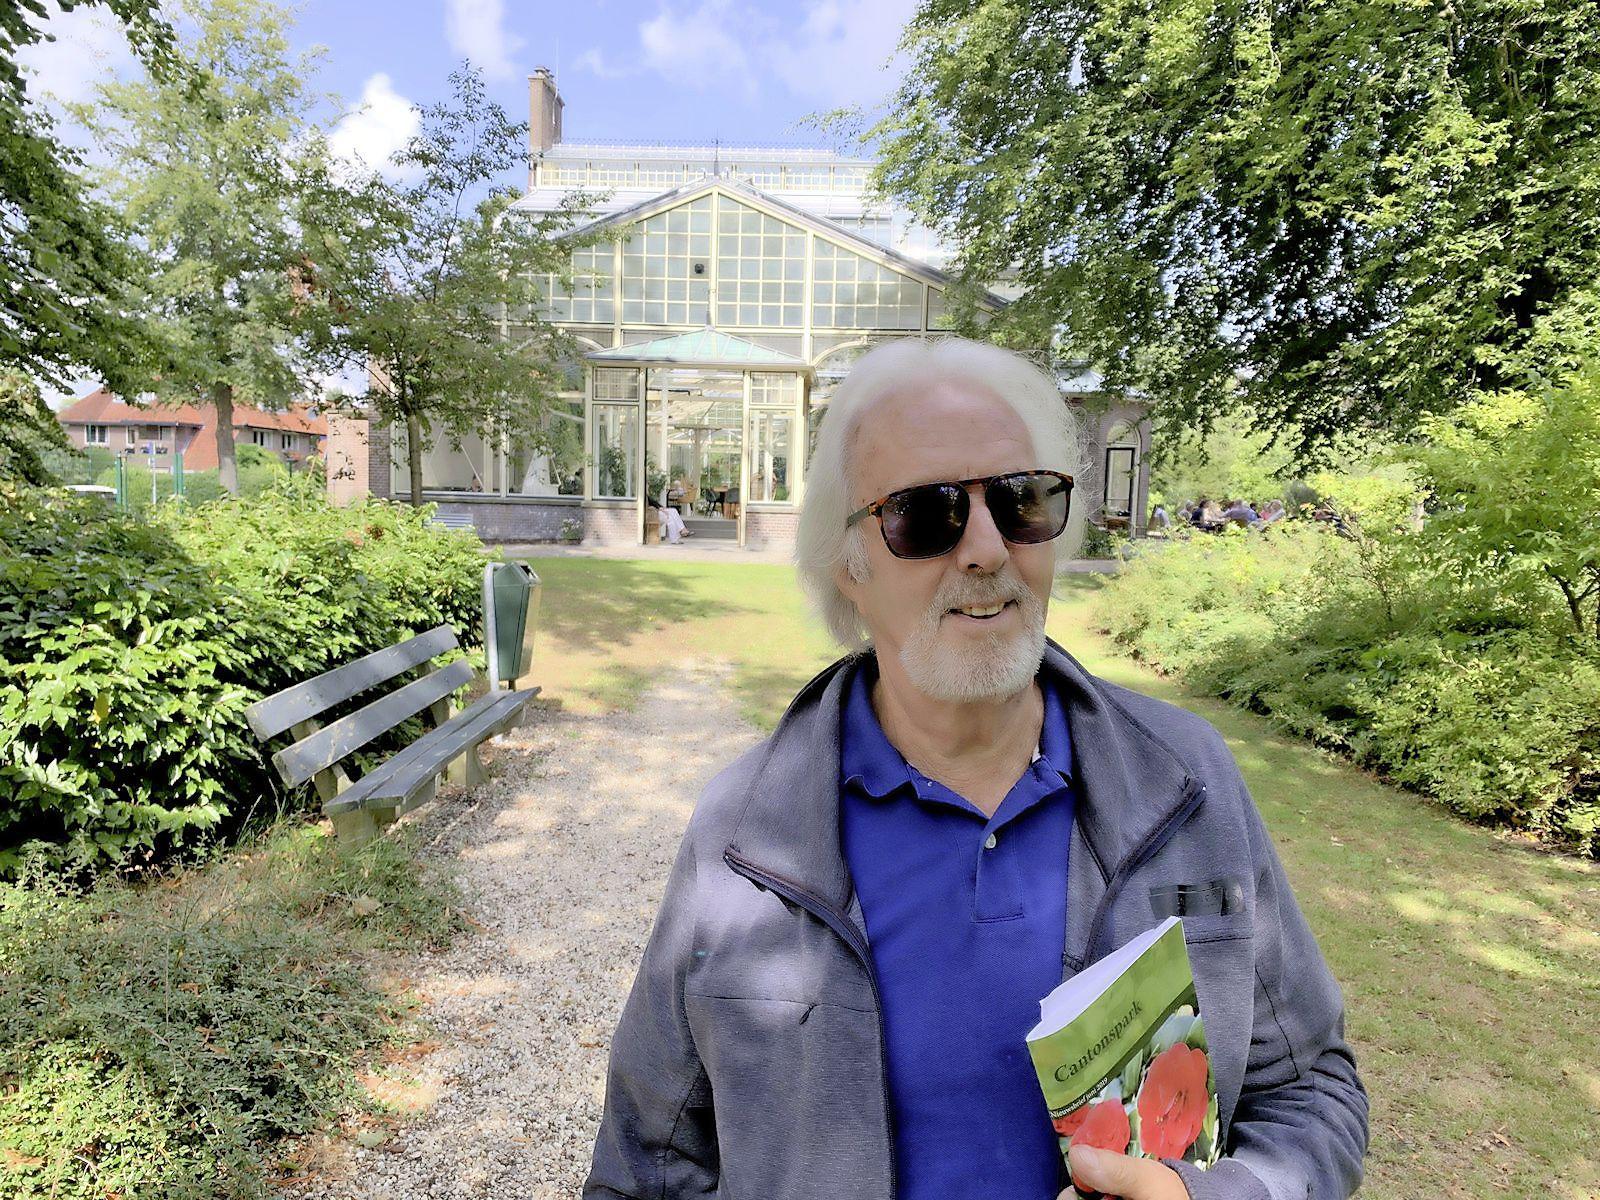 Luister naar de 'wilde' jeugdavonturen van Frank Muyser in het Cantonspark in Baarn. 'Hij repeteerde in de kassen en gaf feesten in de schuur'